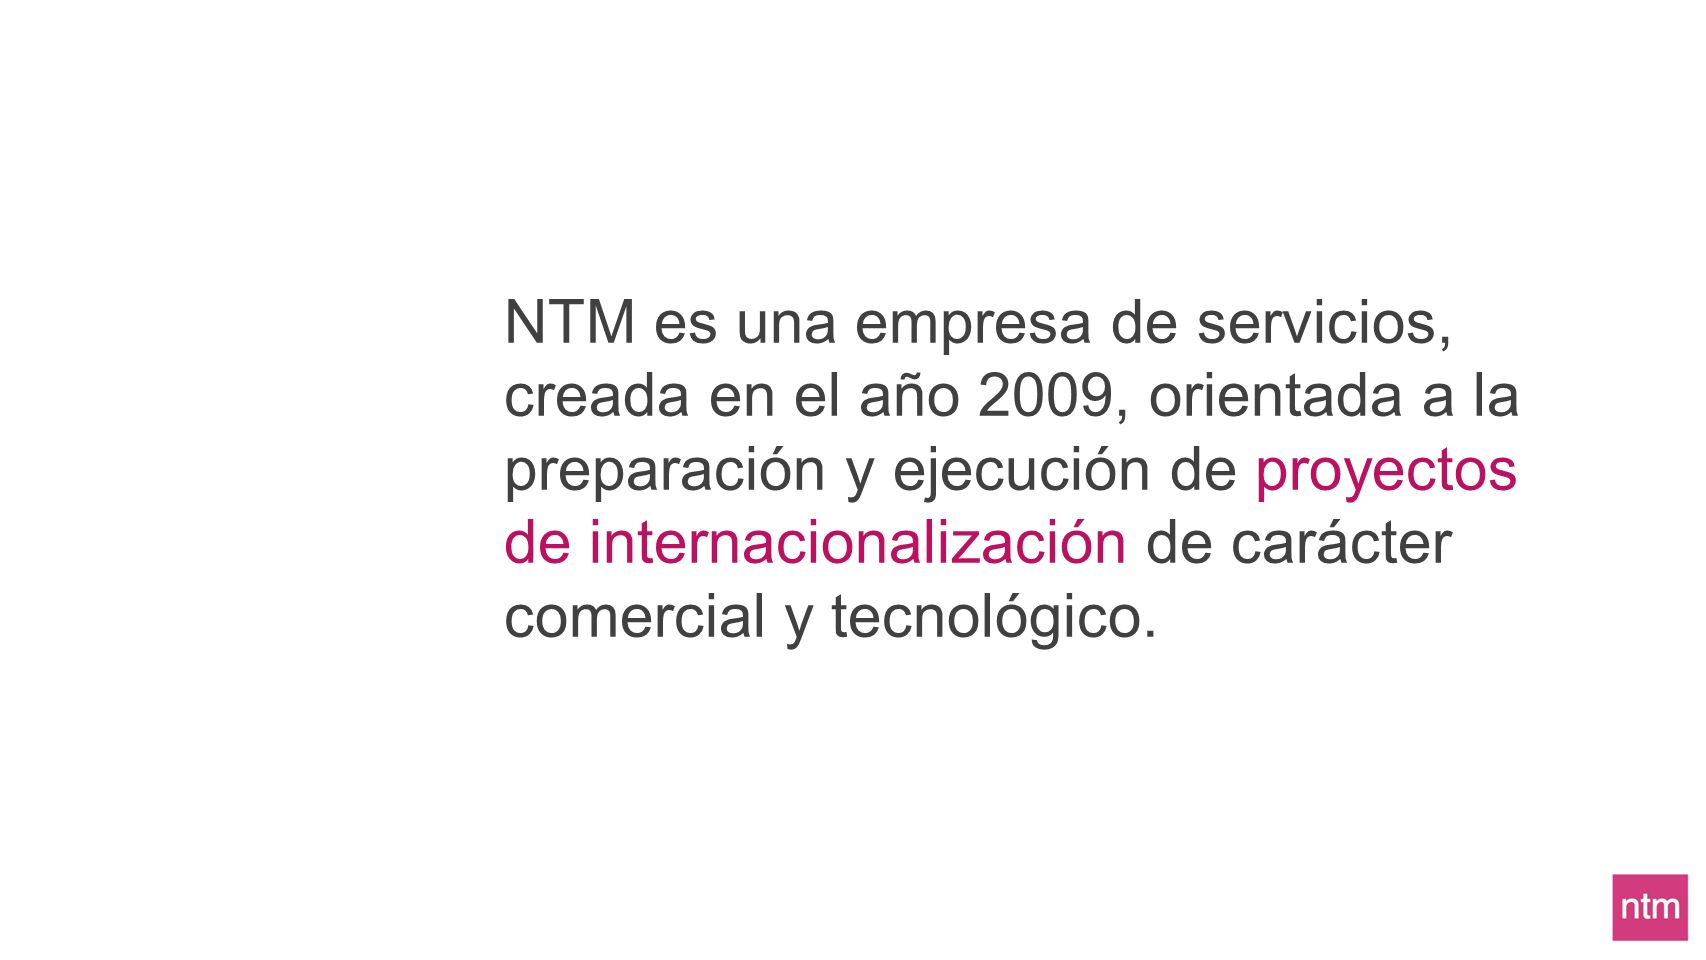 NTM es una empresa de servicios, creada en el año 2009, orientada a la preparación y ejecución de proyectos de internacionalización de carácter comercial y tecnológico.